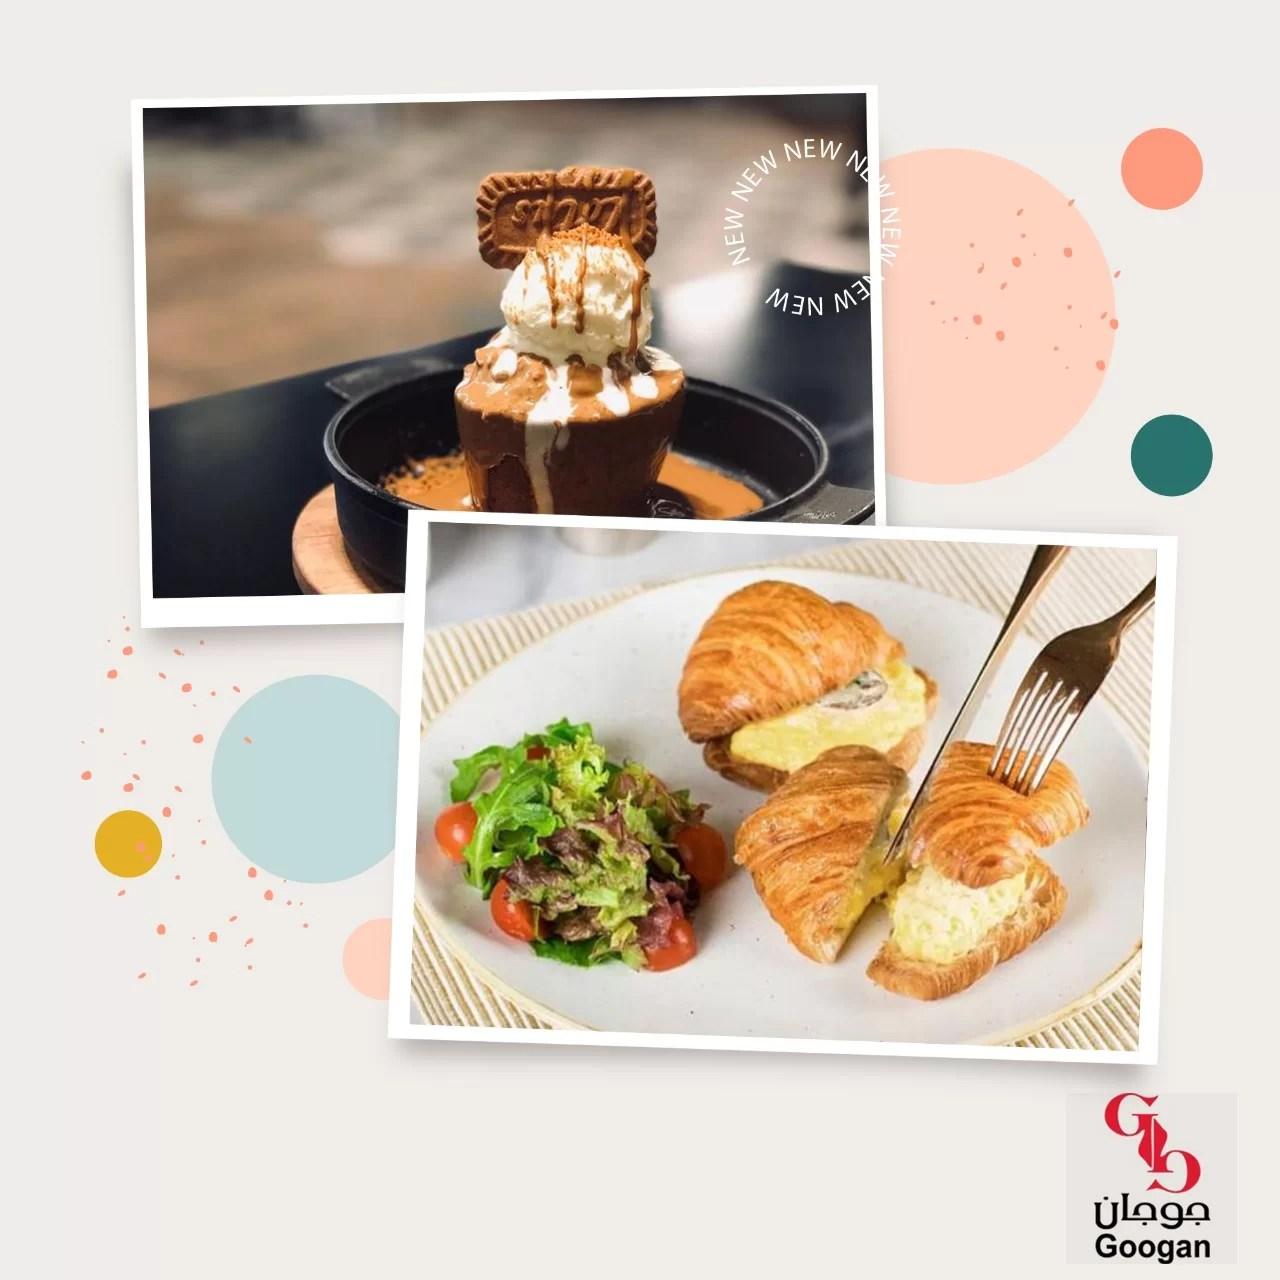 نموذج منيو مطعم من جوجان